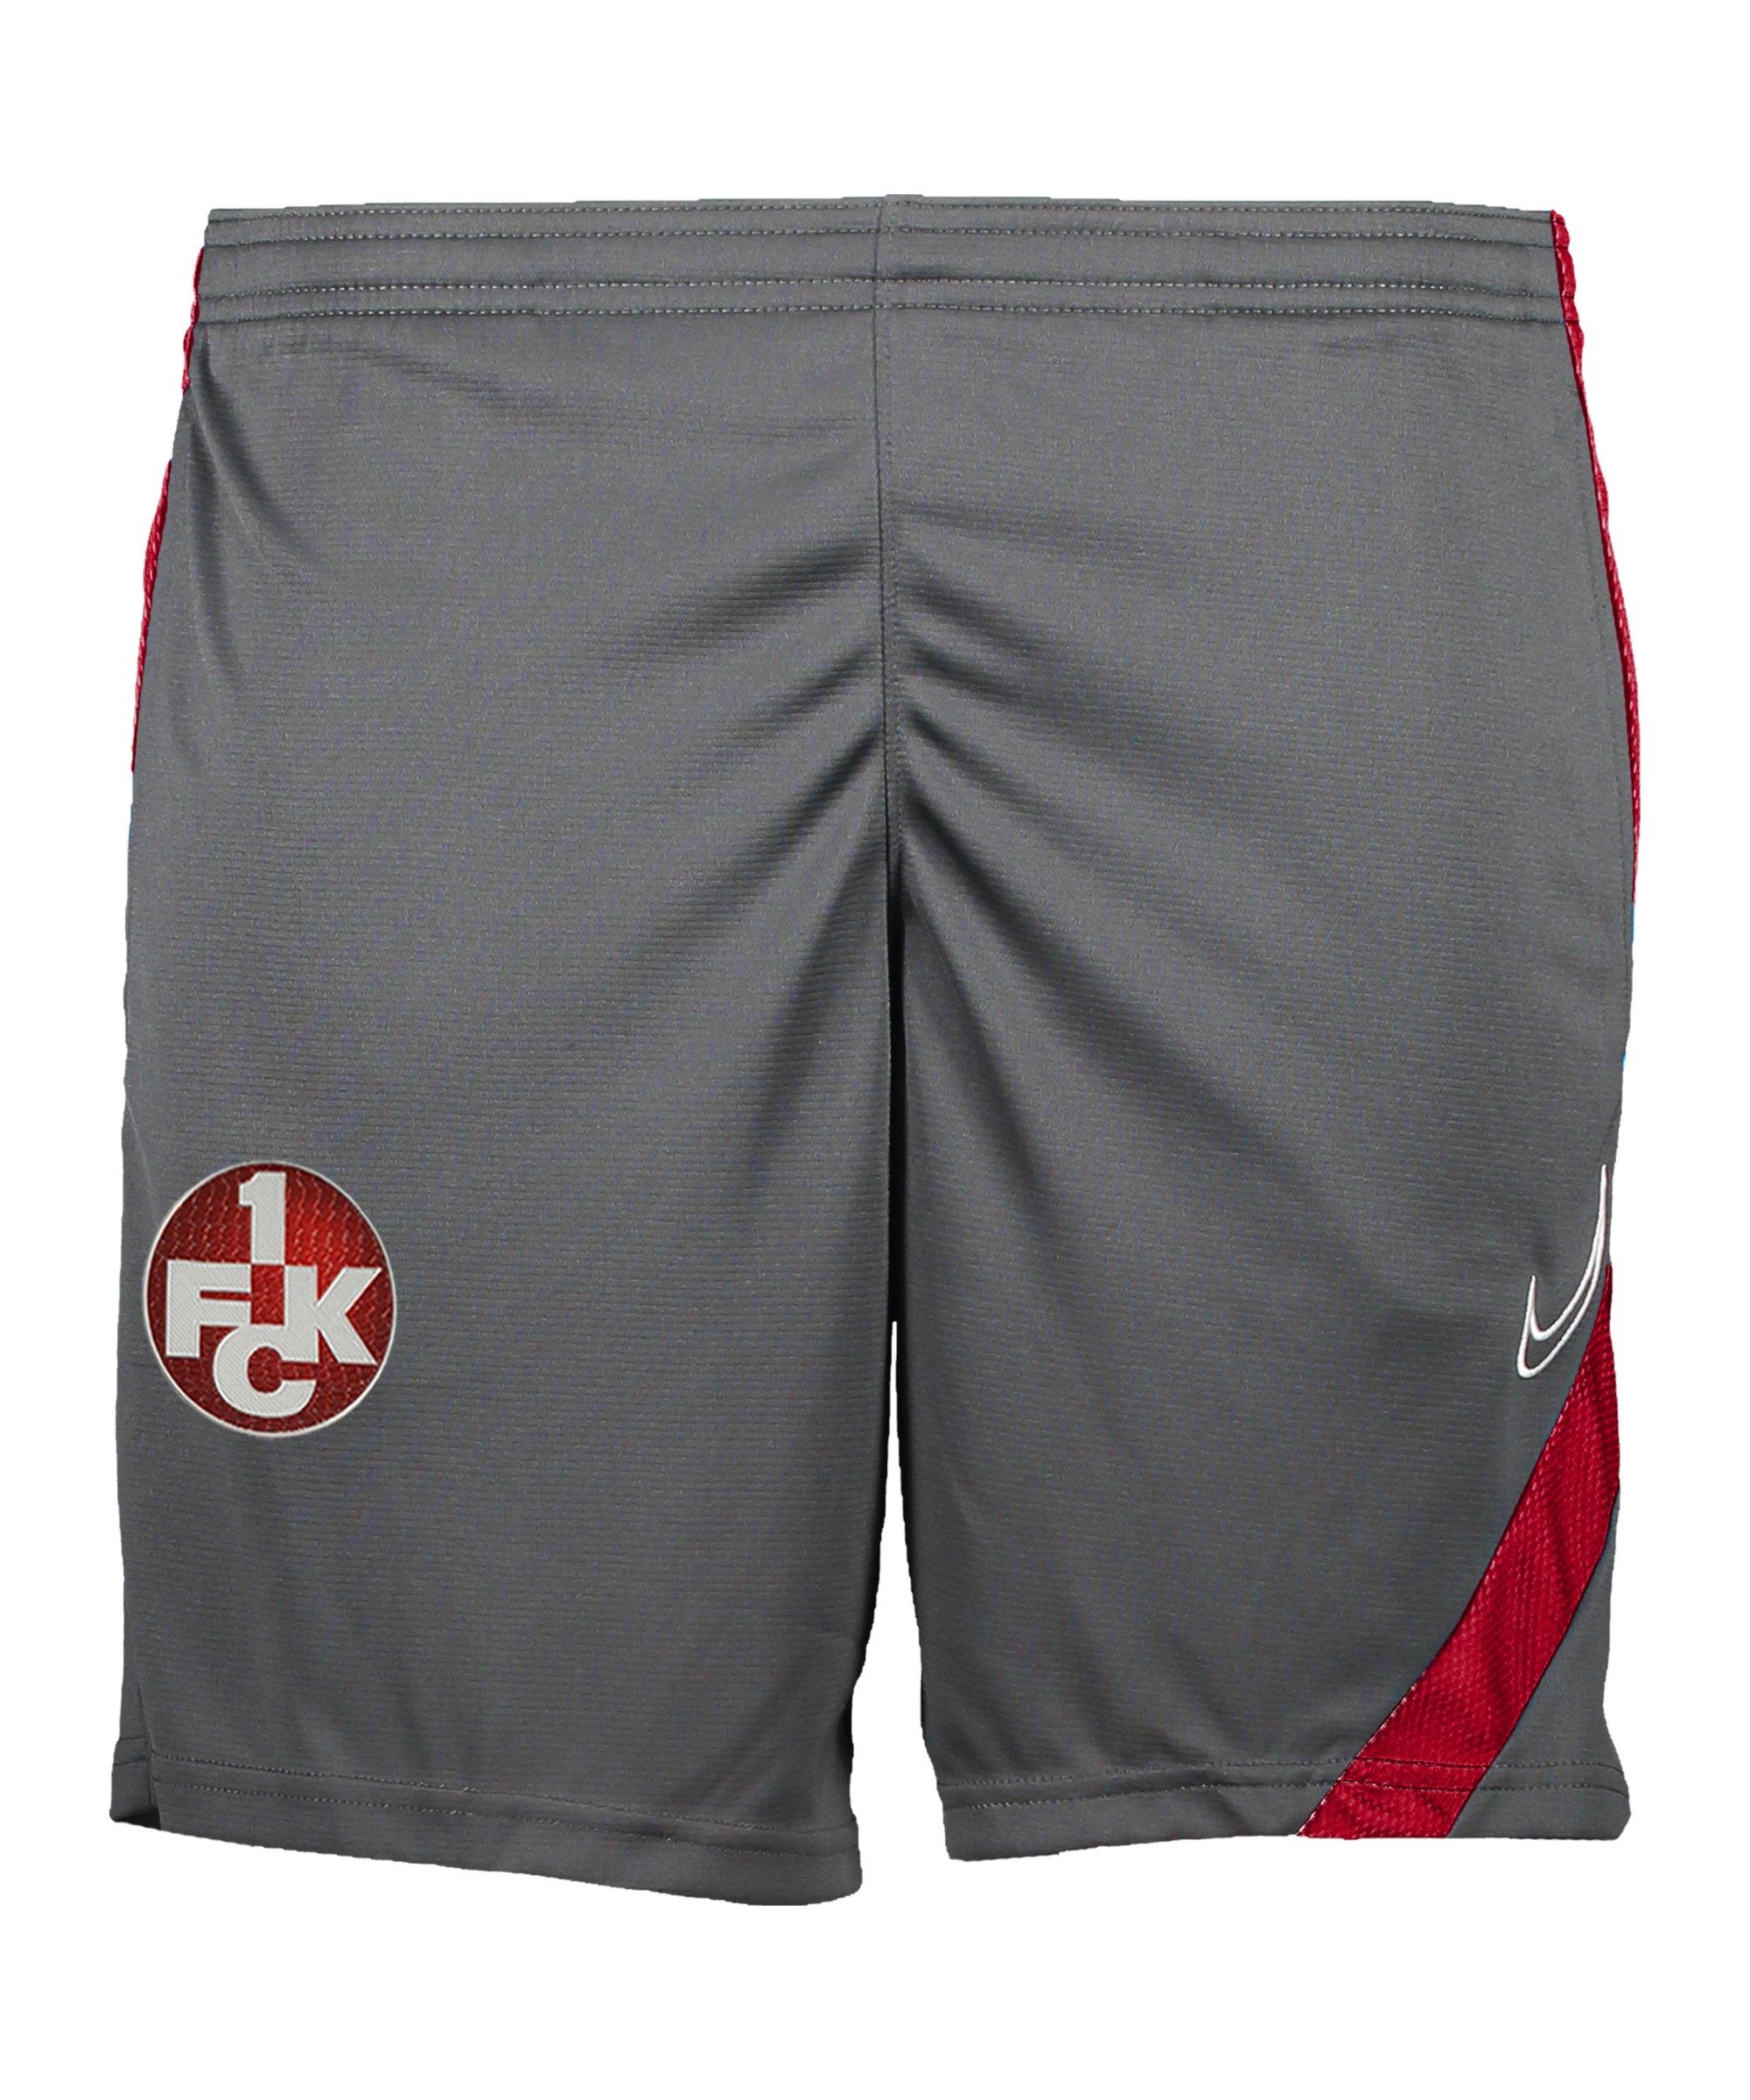 Nike 1. FC Kaiserslautern Short Kids F060 - grau